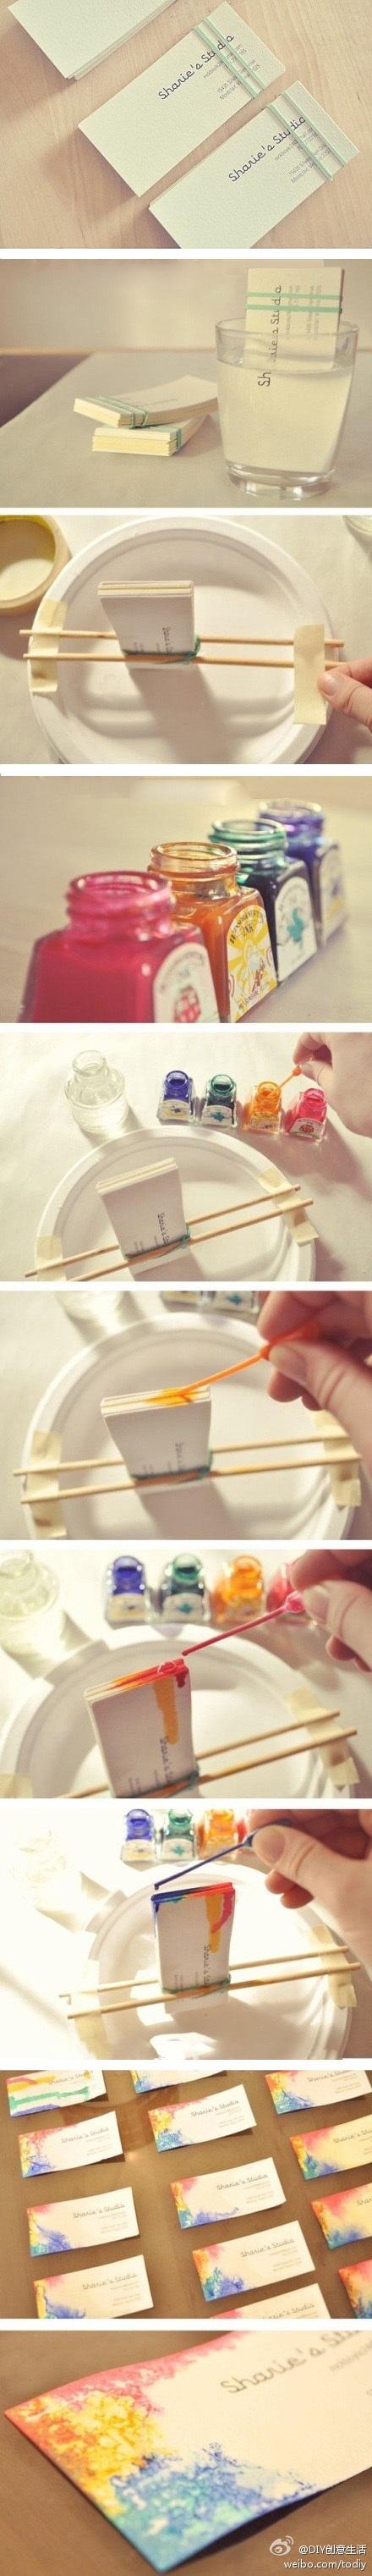 DIY Business Card Colorful Paint Idea